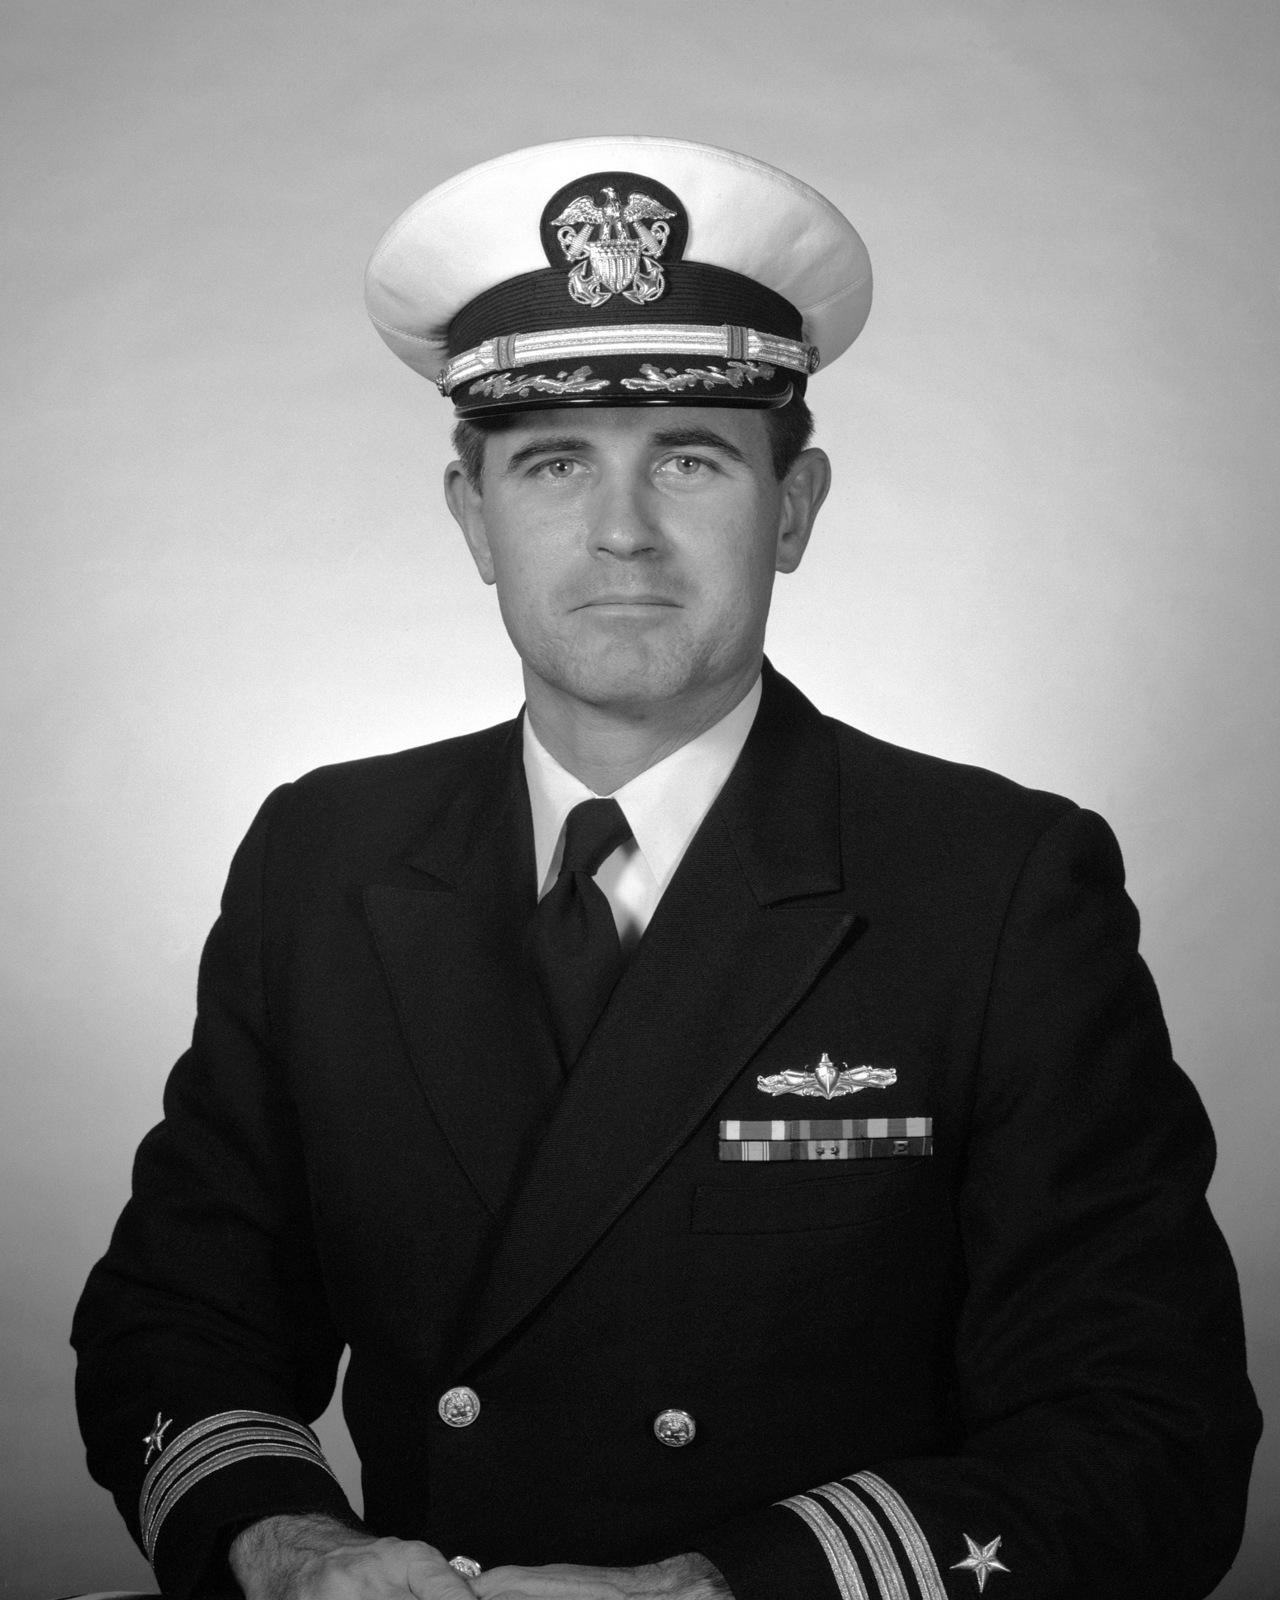 Commander James L. McClane, USN (covered)